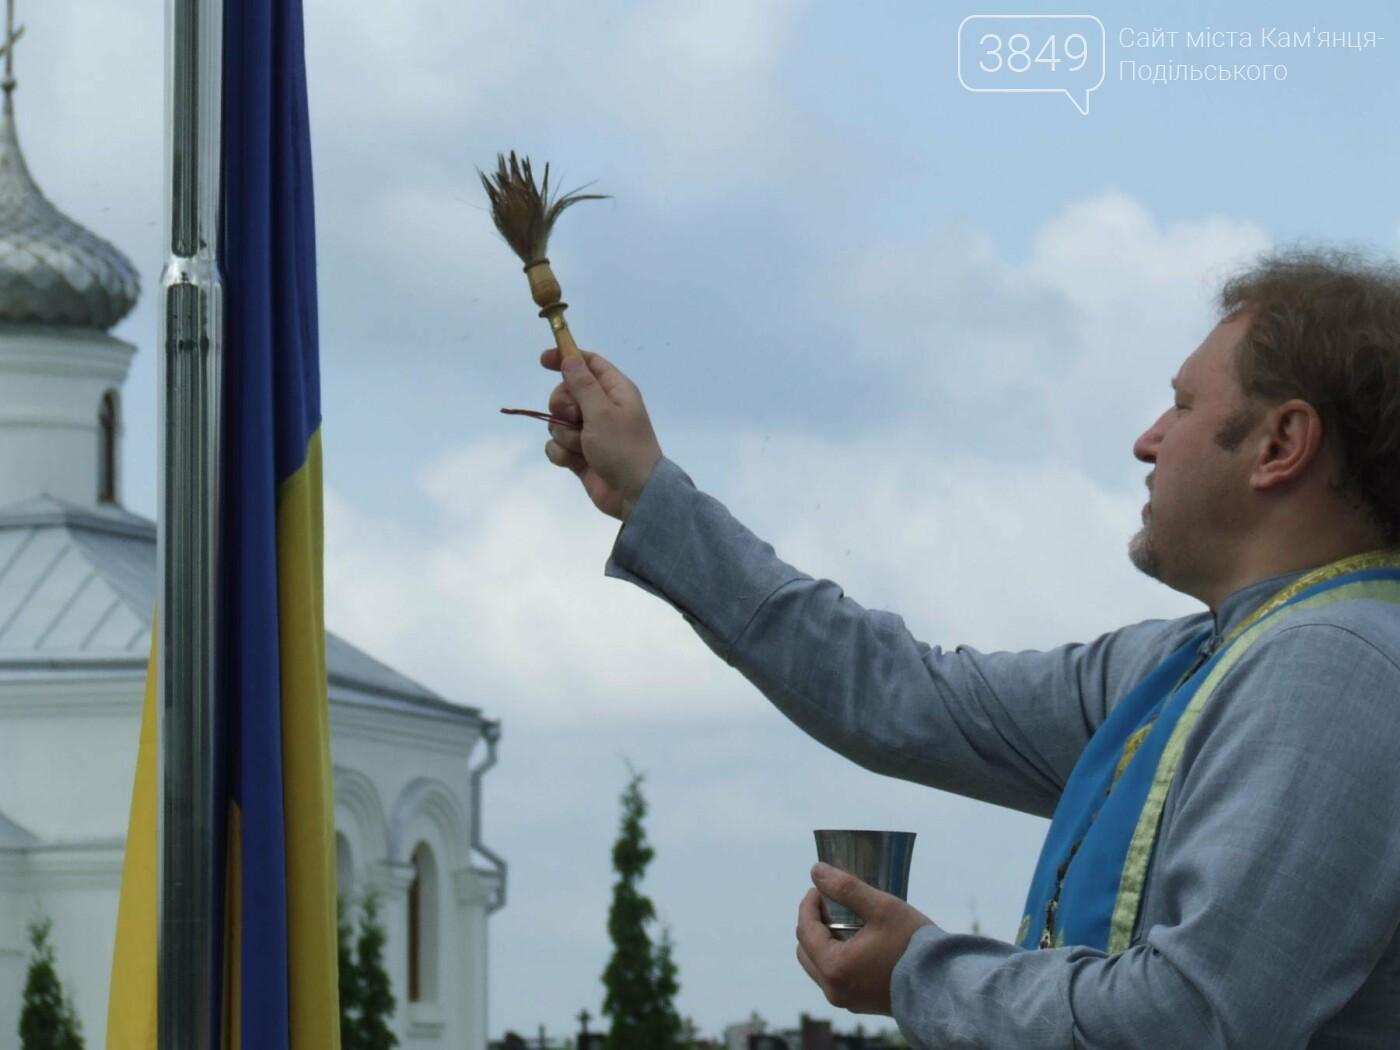 Річниця скорботи: у Кам'янці освятили меморіал Героя Ростислава Доброшинського, фото-1